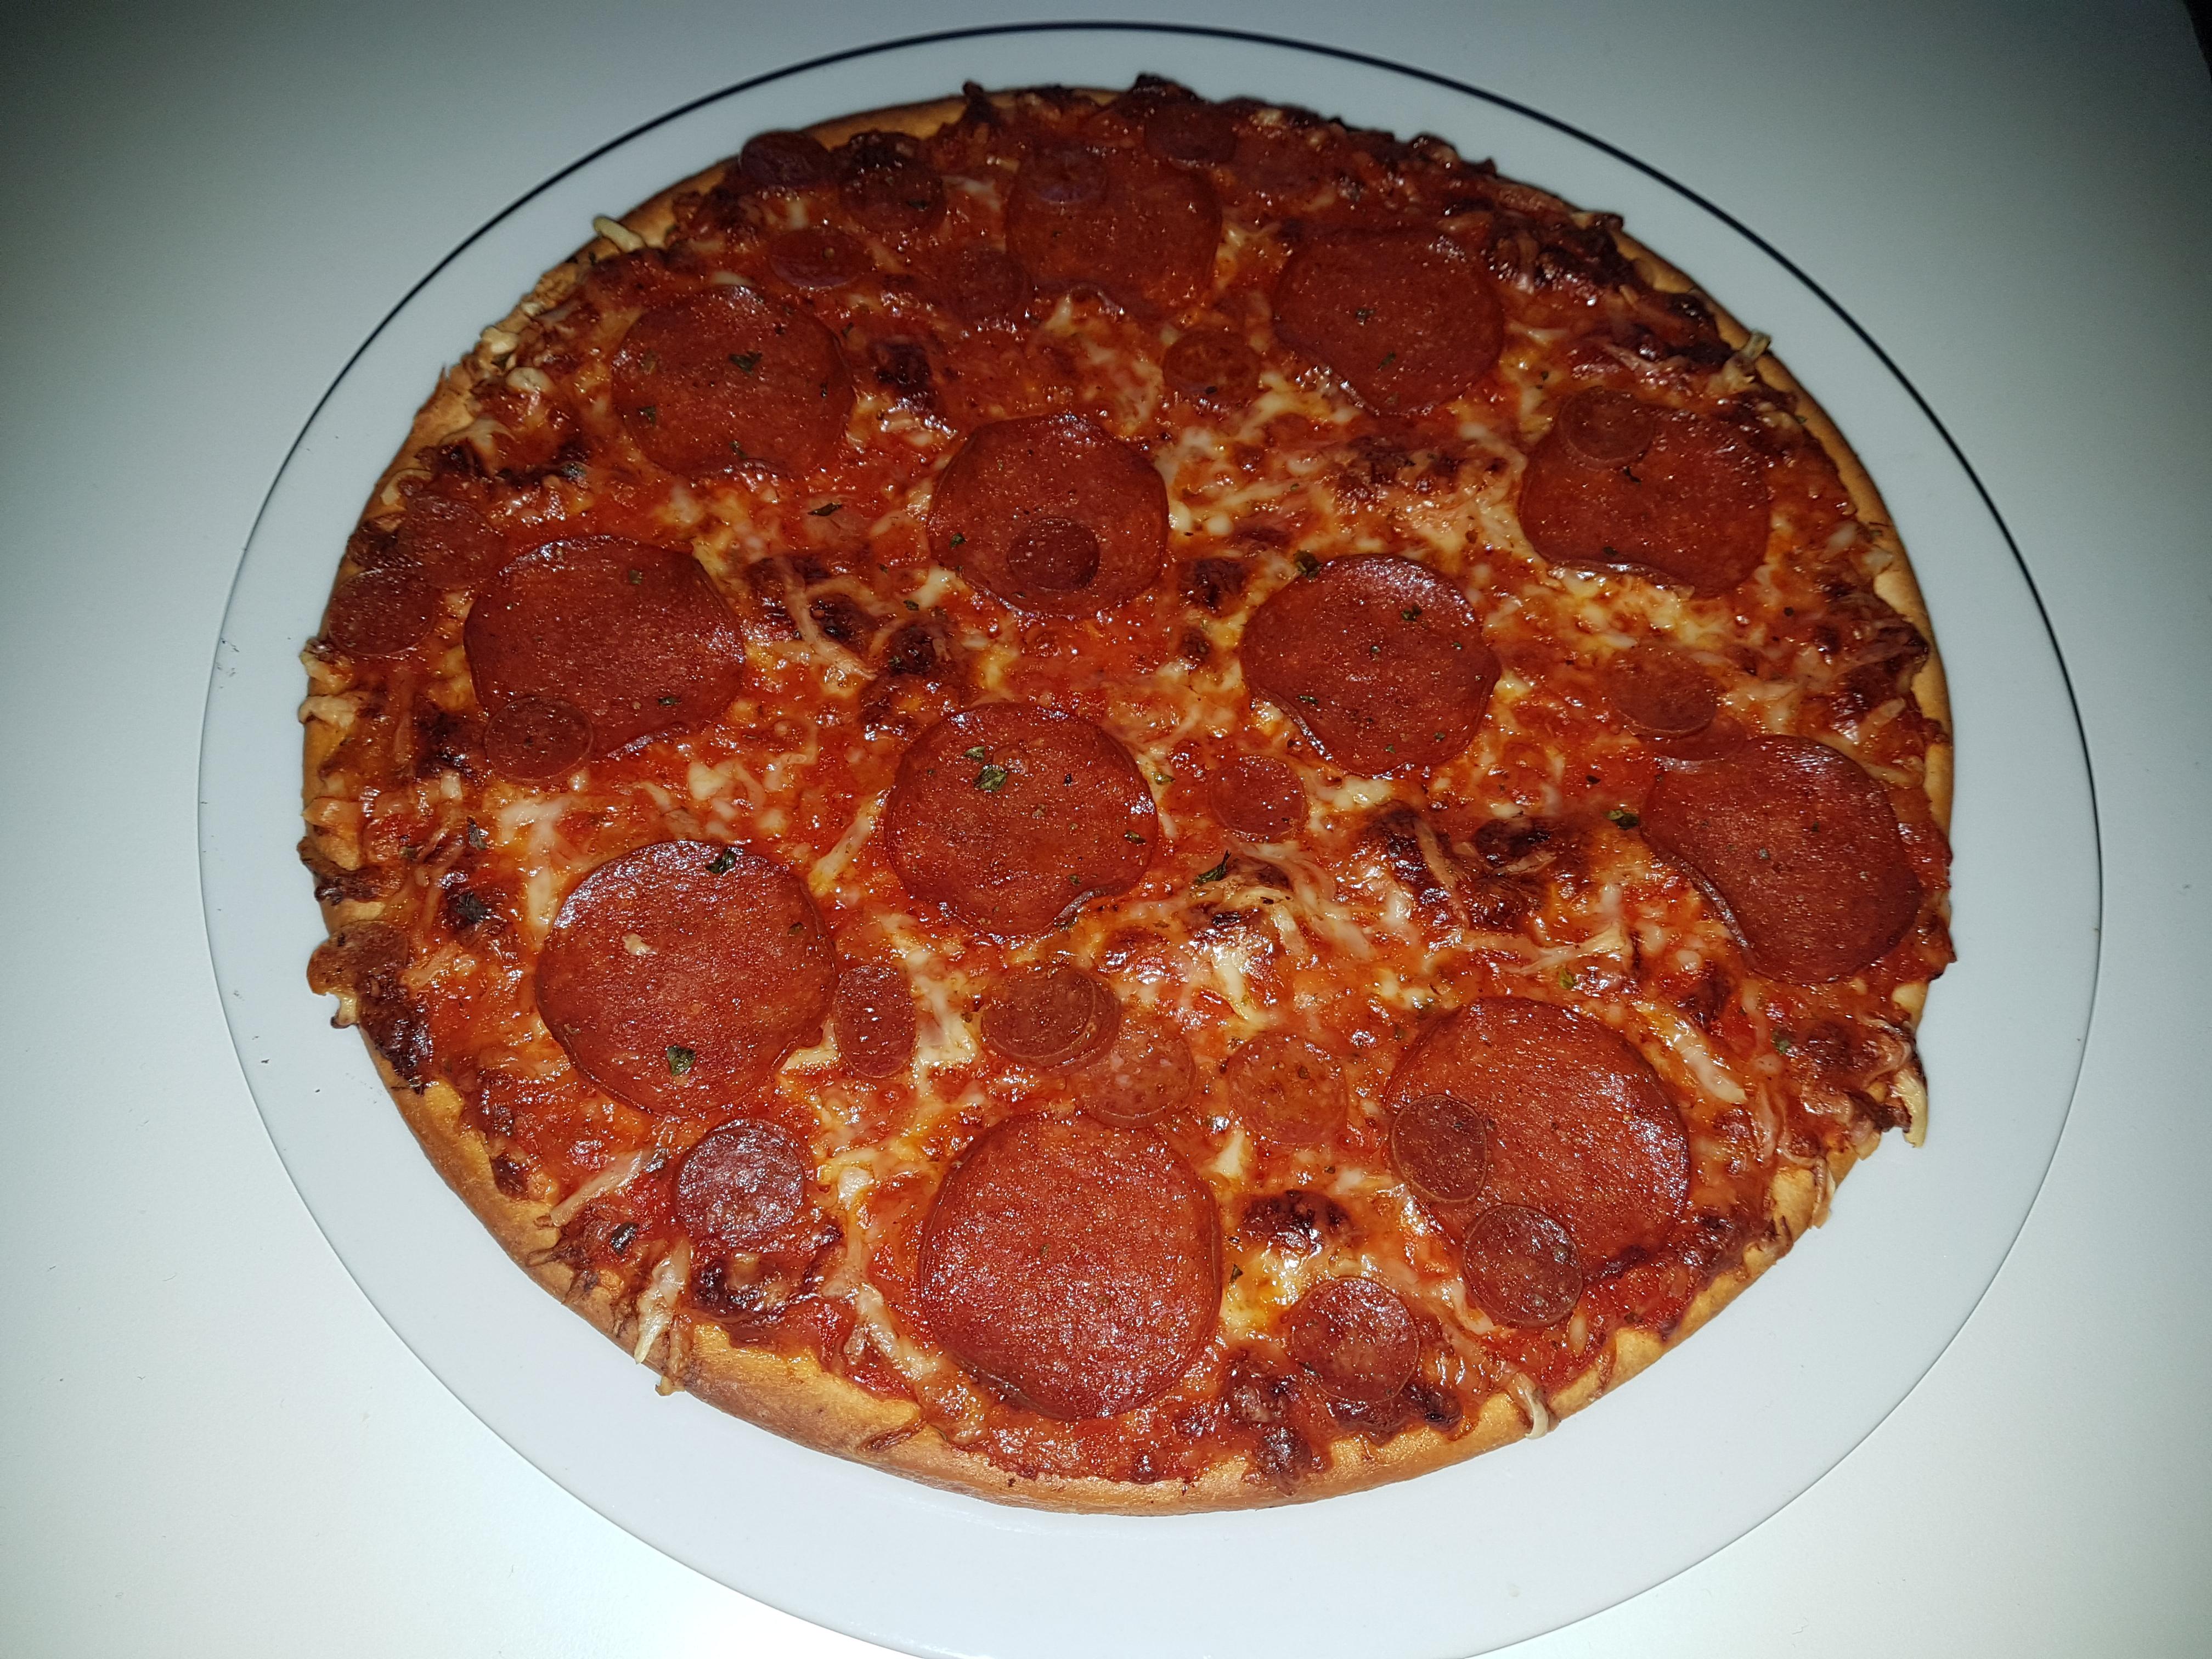 https://foodloader.net/Holz_2020-01-12_Pizza.jpg